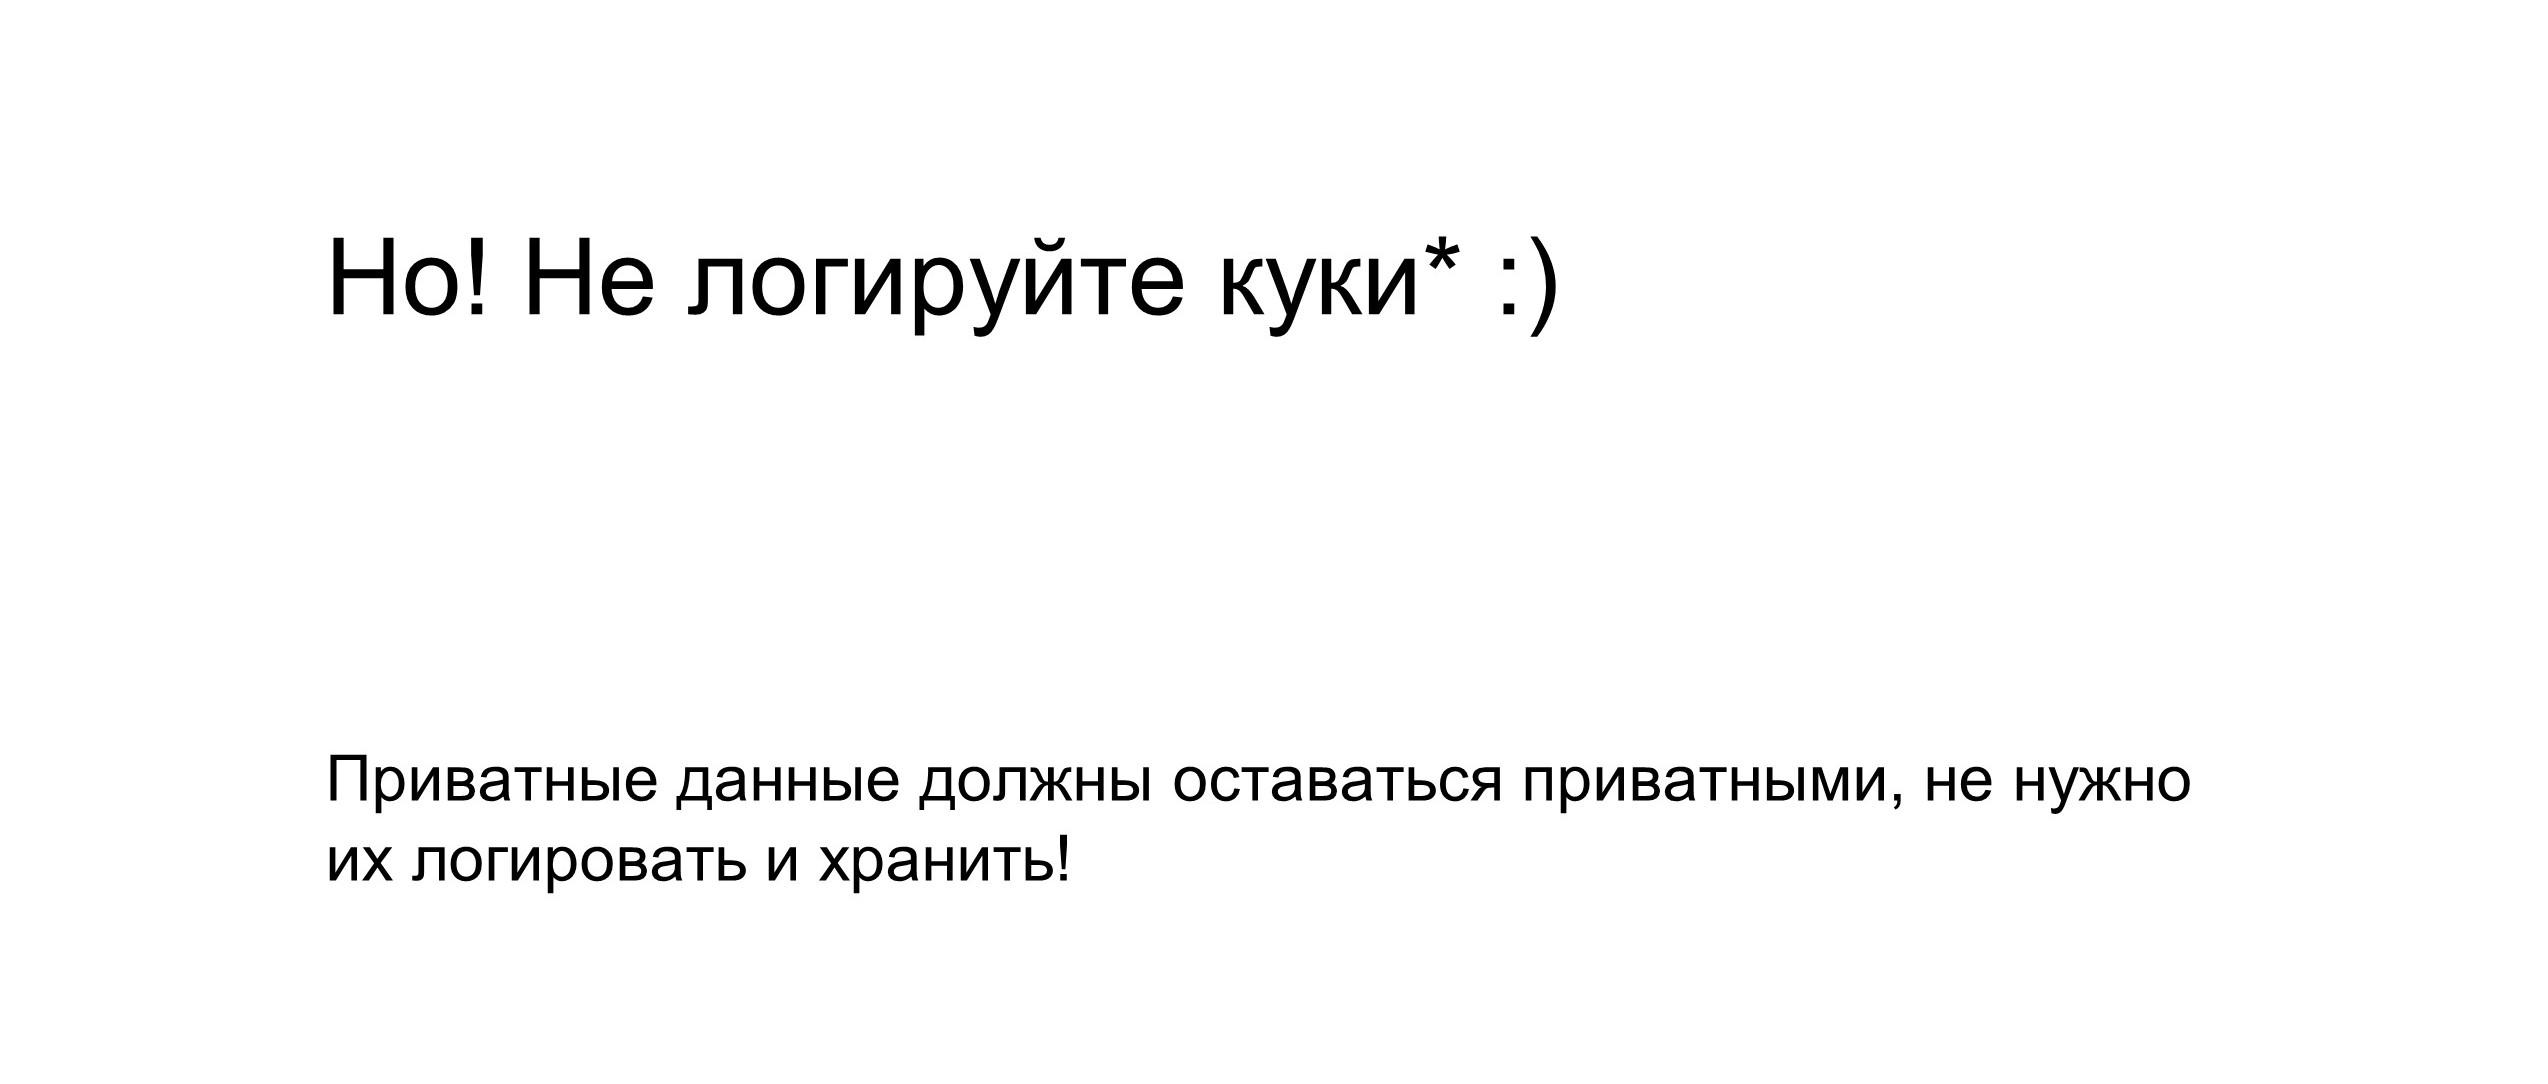 Логирование и трассировка запросов — лучшие практики. Доклад Яндекса - 17